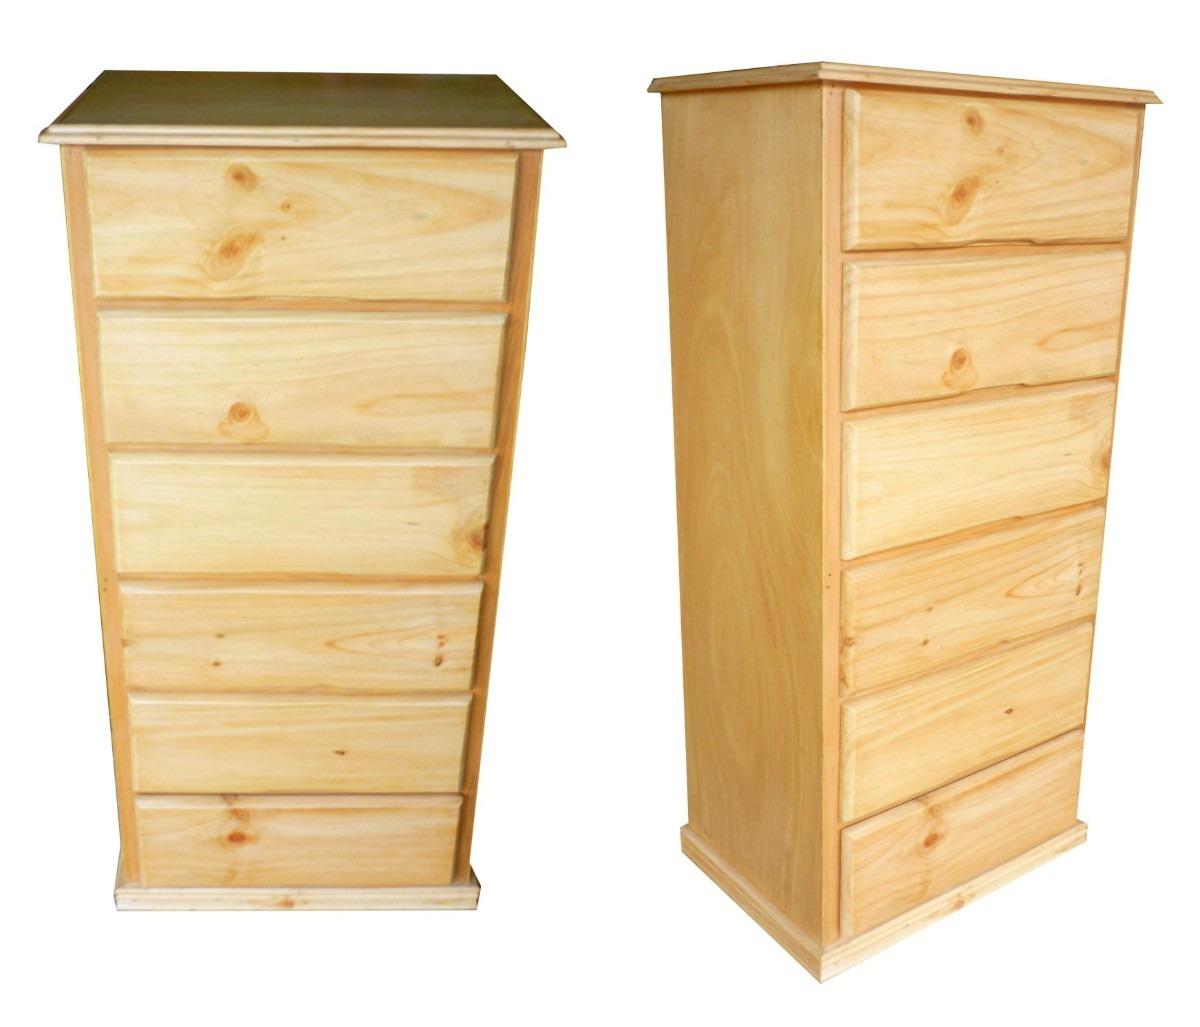 Productos molduras y maderas san roque for Cajoneras de madera para cocina